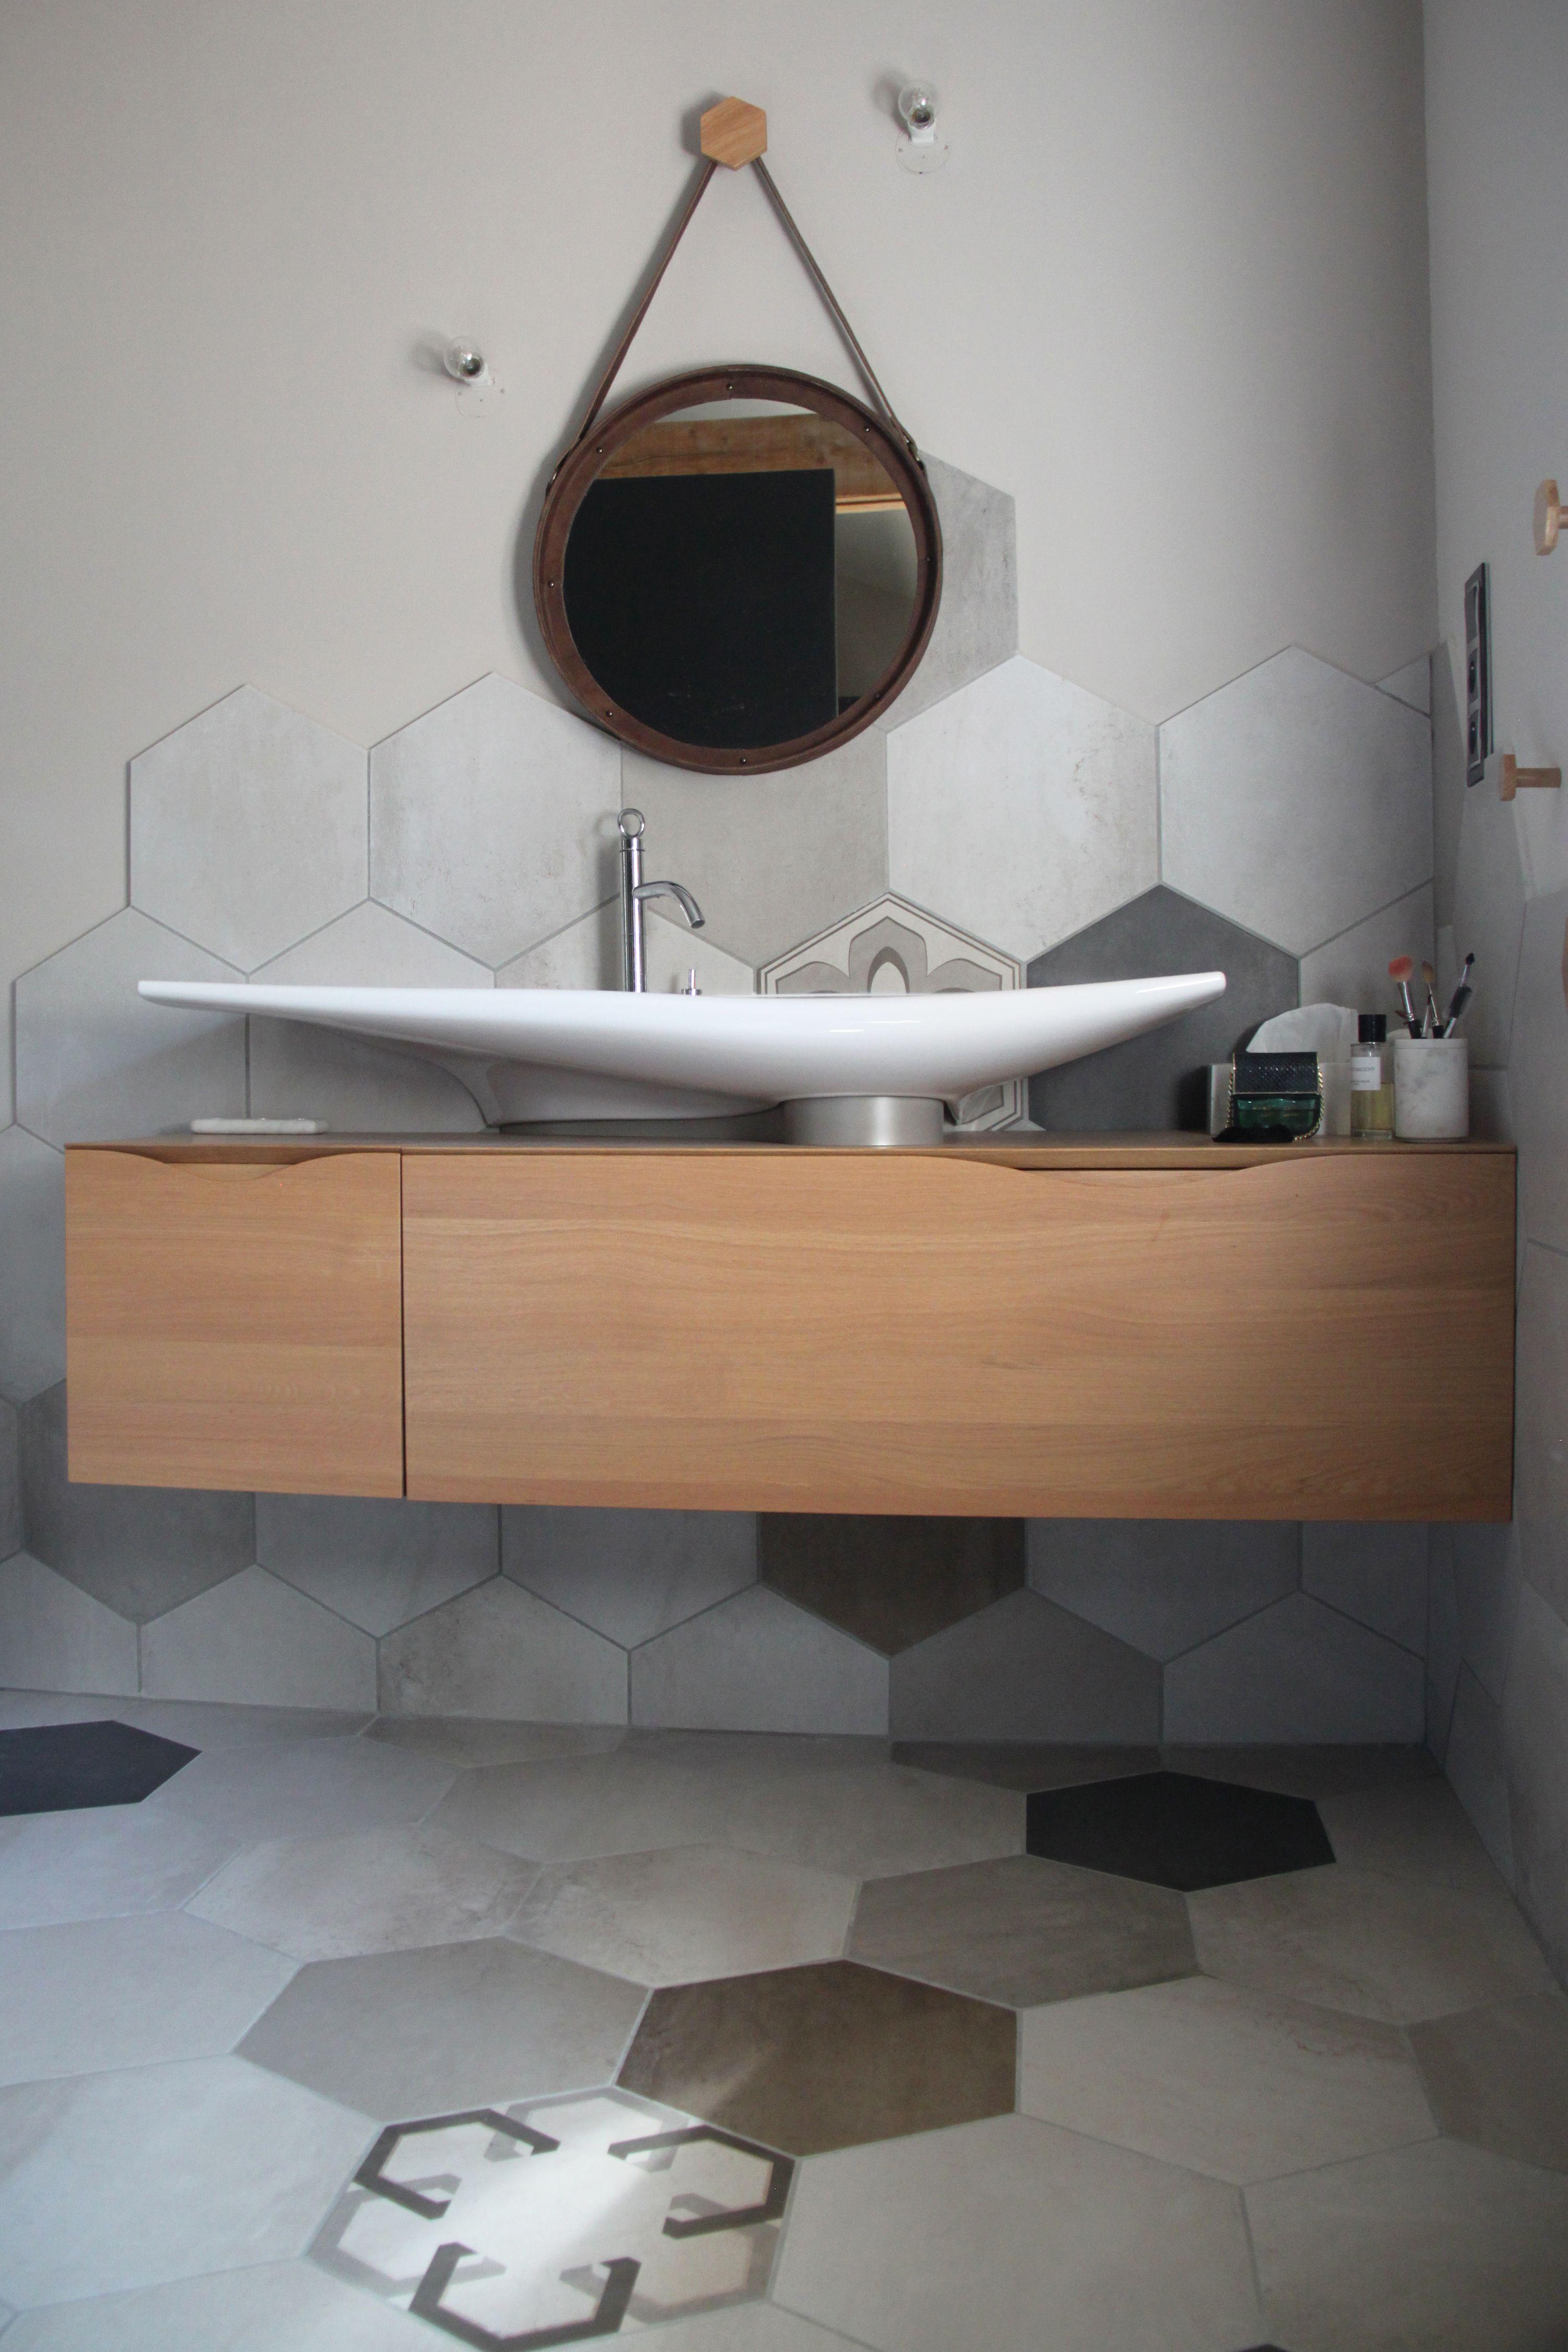 une salle de bain avec une grande vasque design et pur e sur un meuble en bois suspendu avec. Black Bedroom Furniture Sets. Home Design Ideas